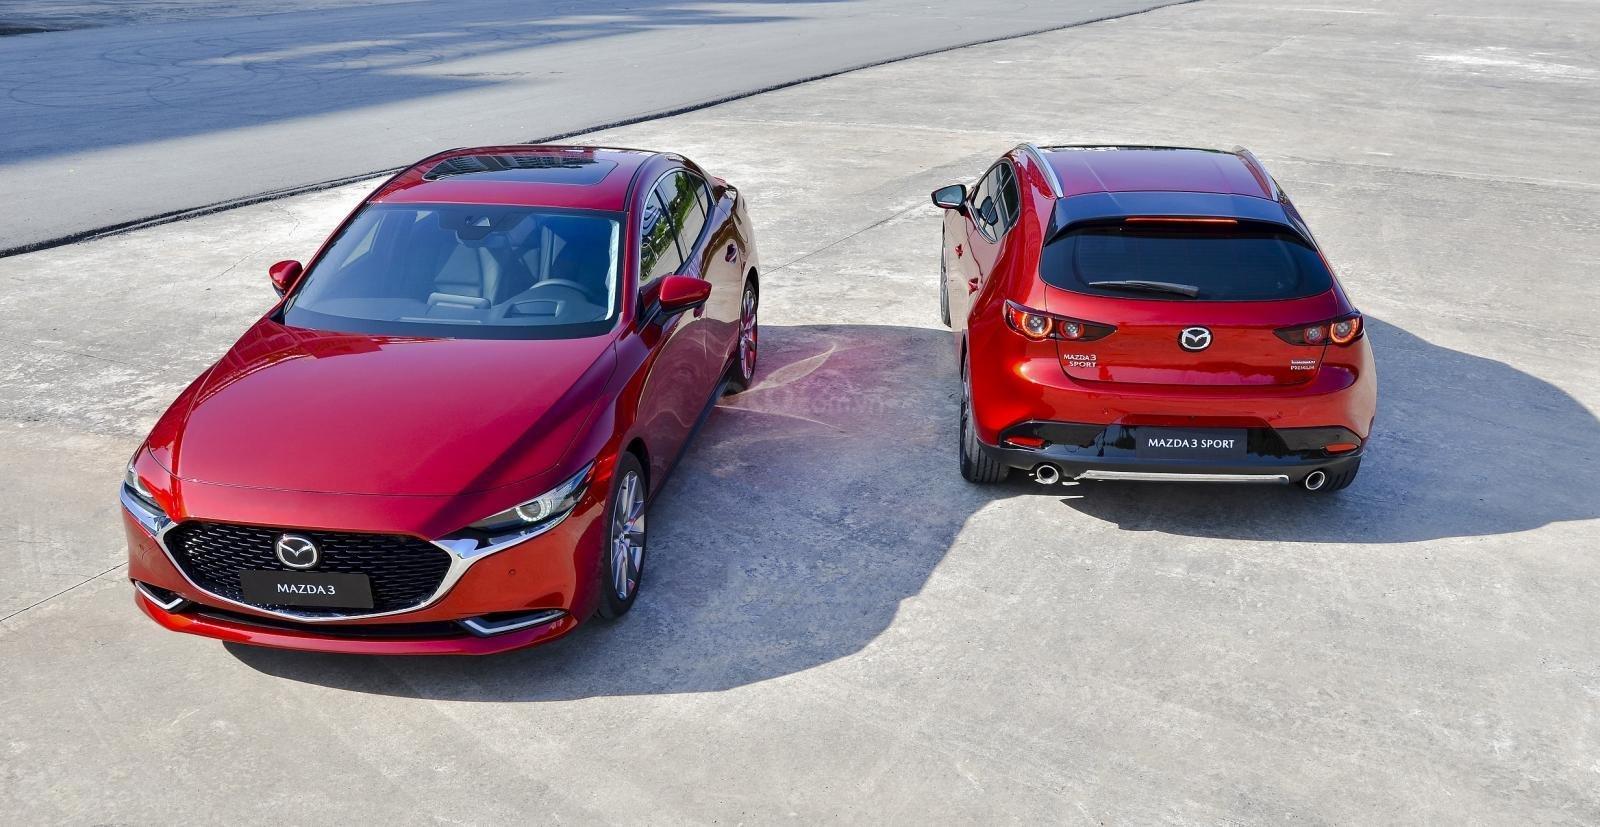 Ngoại thất xe Mazda 3 2020 thế hệ mới 1